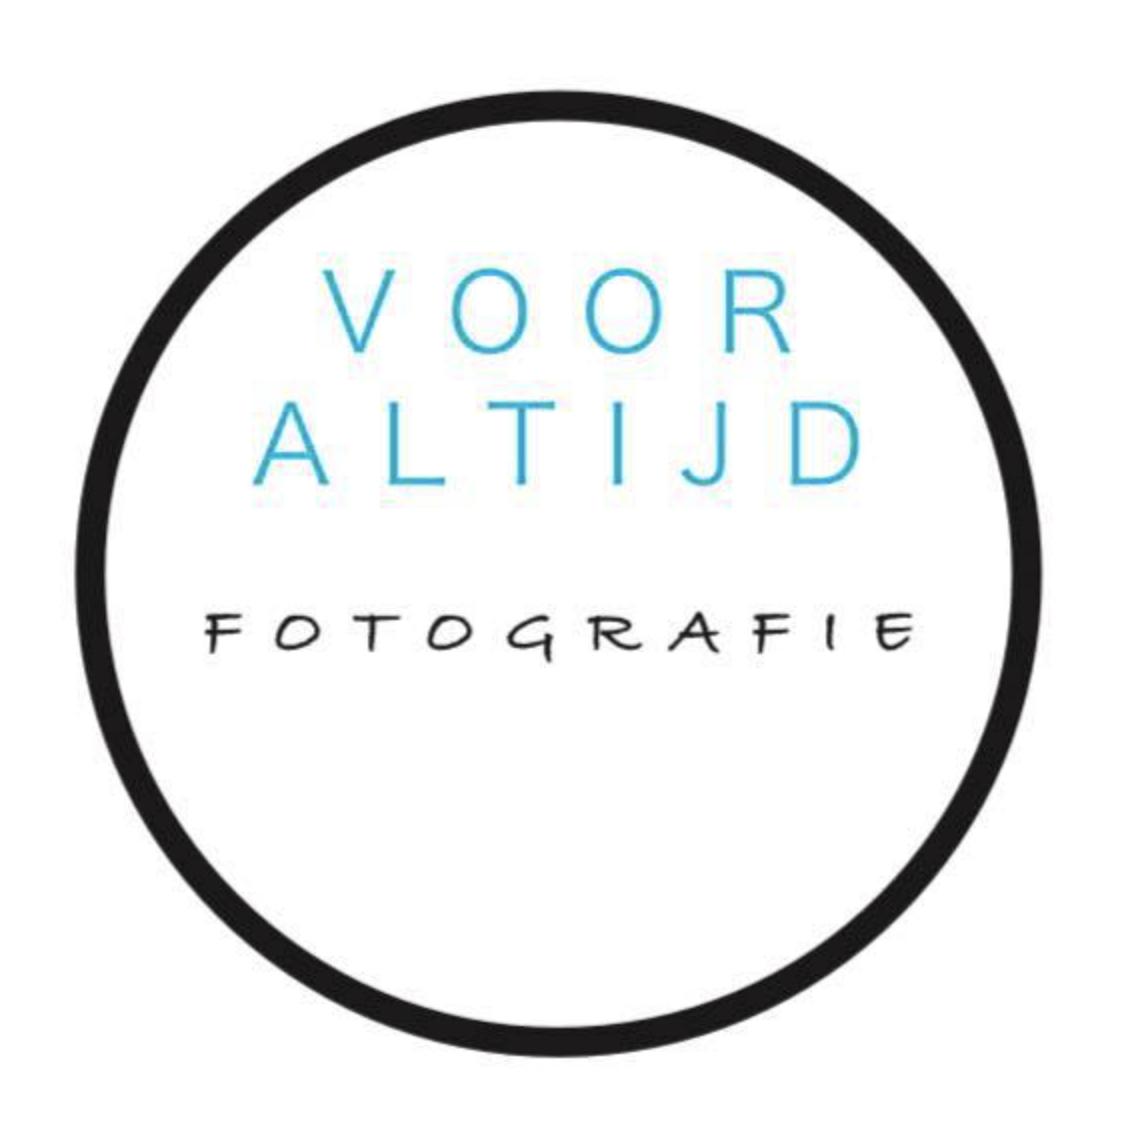 Voor Altijd Fotografie